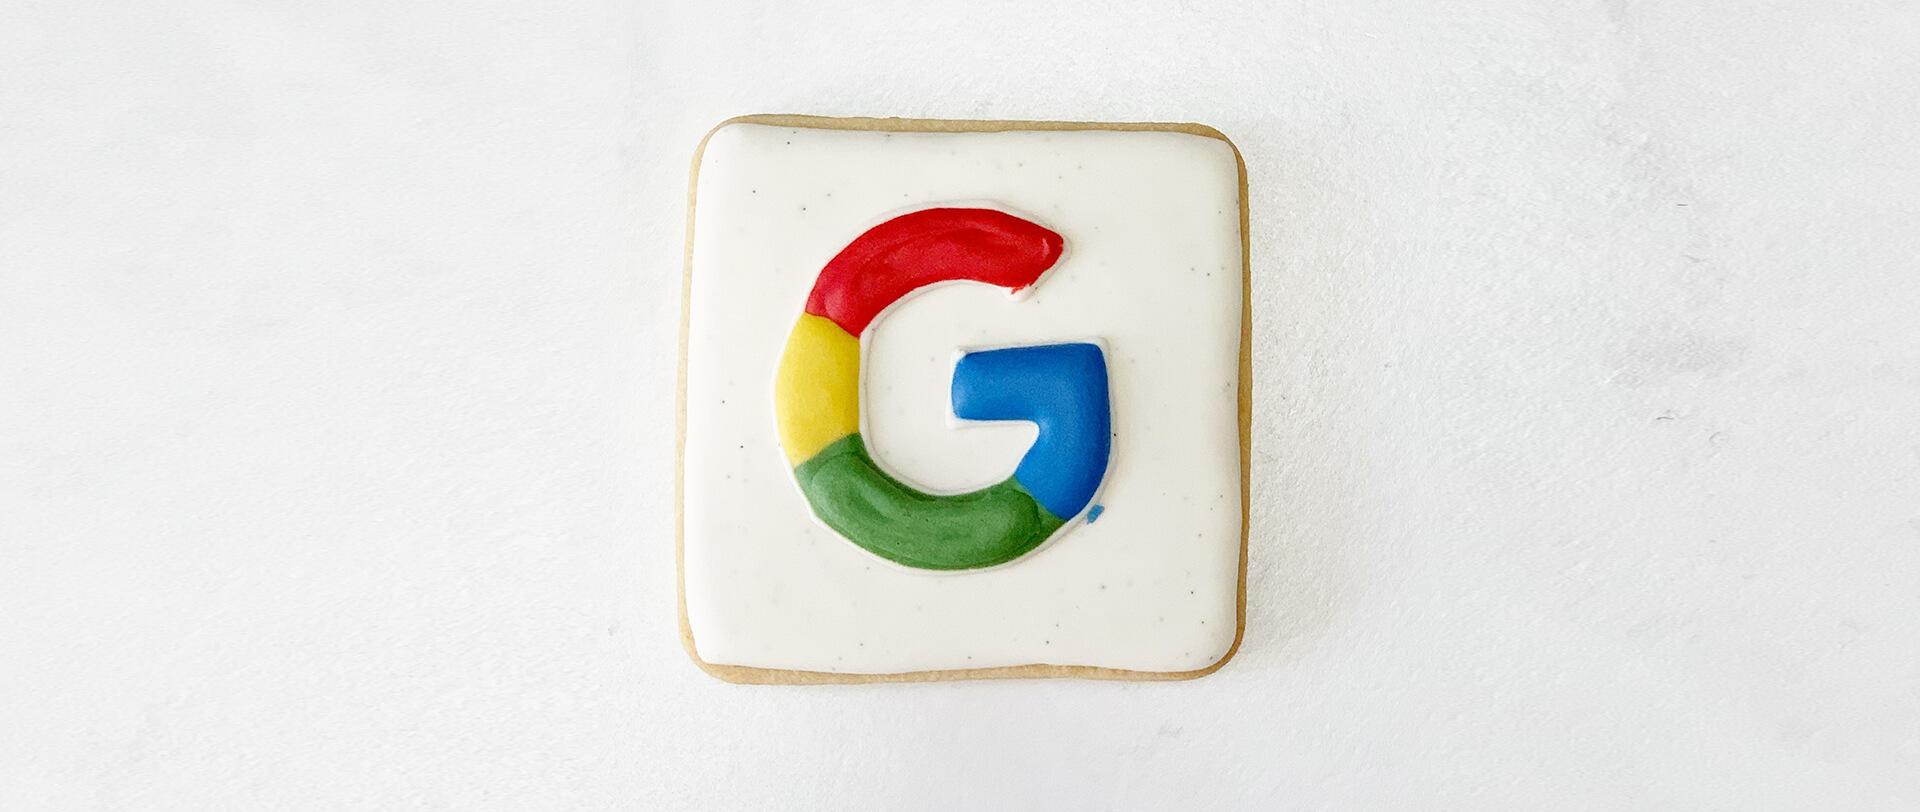 ЧРД Google с пет любопитни факта за търсачката